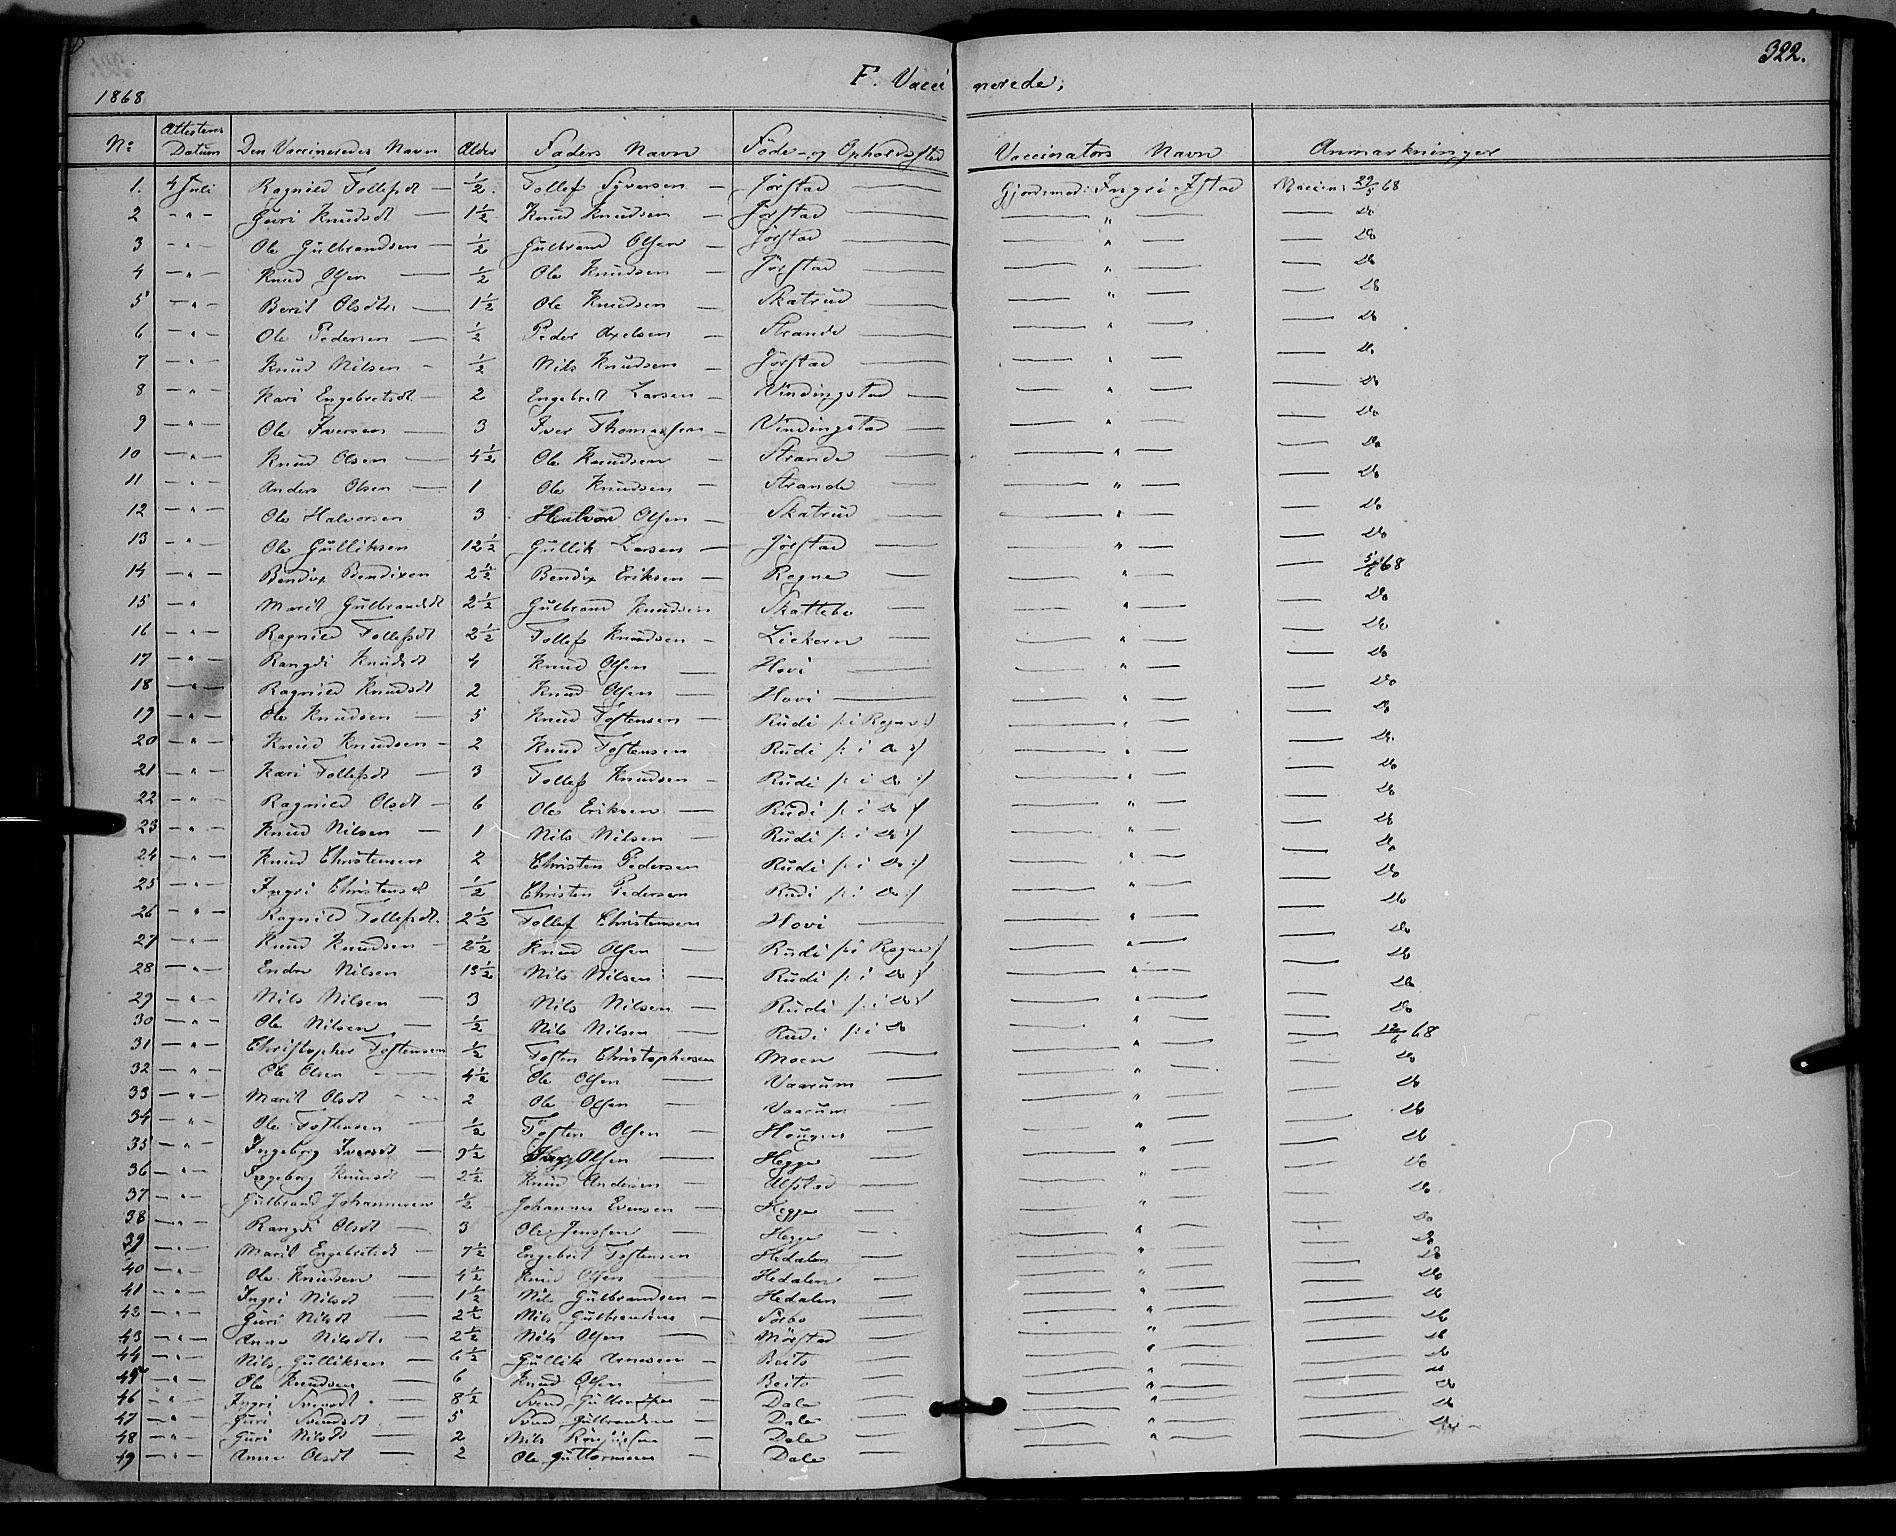 SAH, Øystre Slidre prestekontor, Ministerialbok nr. 1, 1849-1874, s. 322